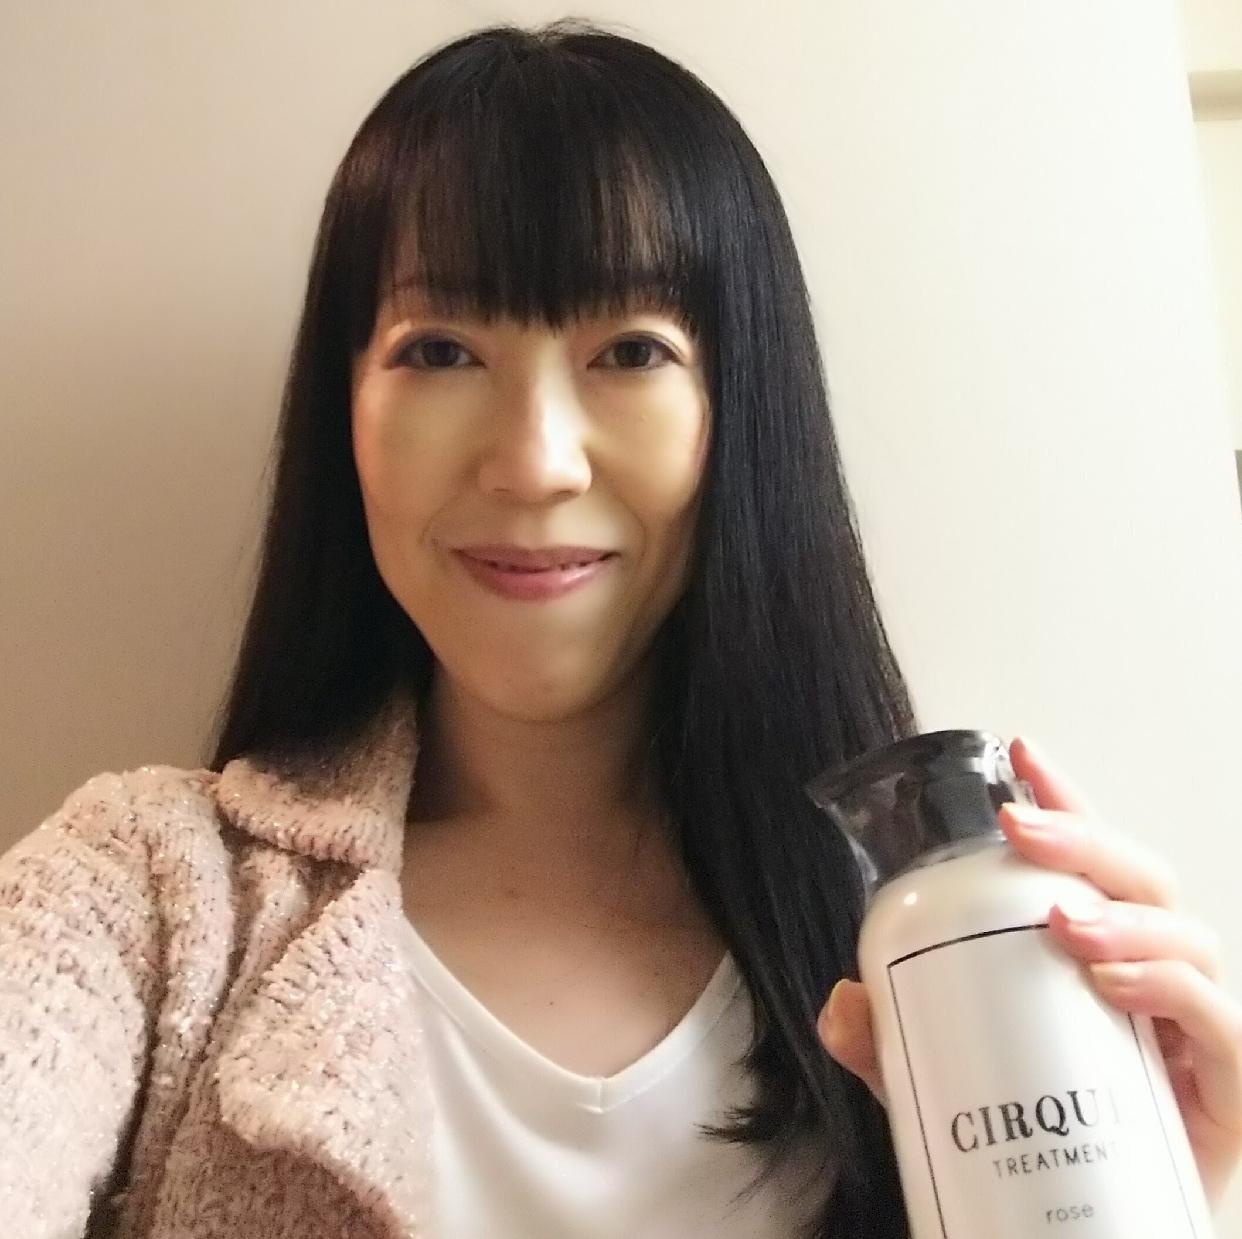 CIRQUE(シルク) トリートメントの良い点・メリットに関する東 洋美さんの口コミ画像2